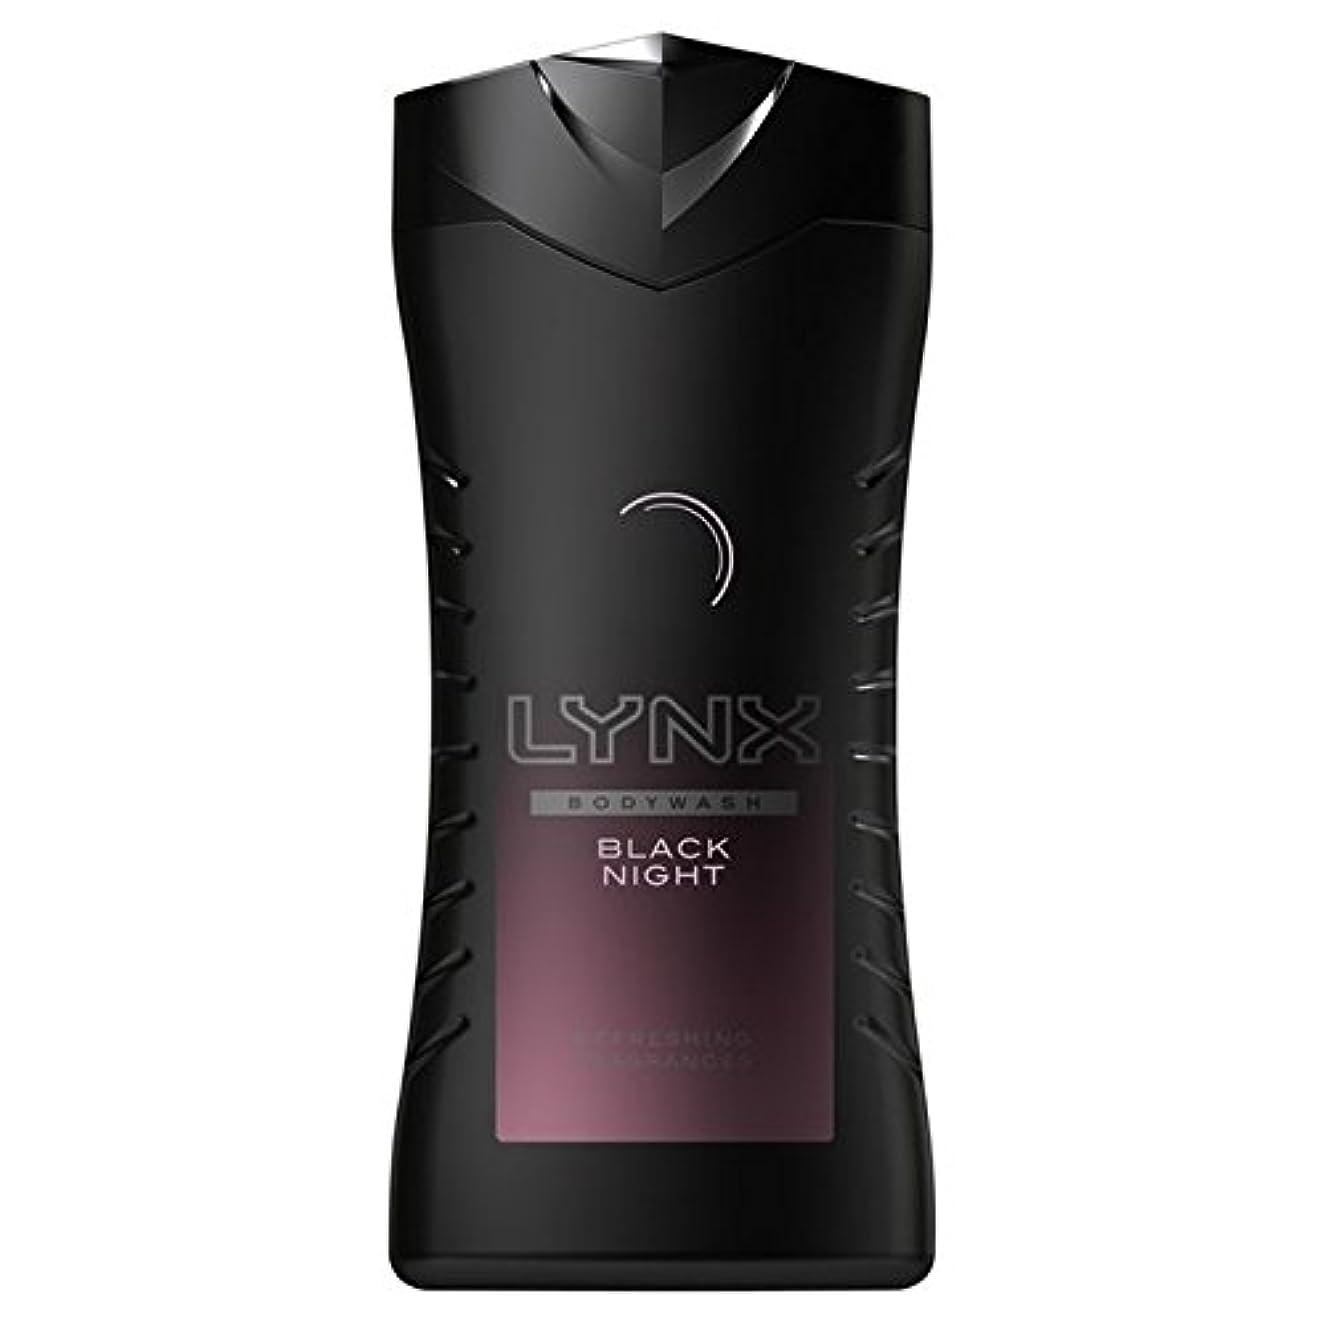 無視する息を切らしてうがいオオヤマネコ黒夜シャワージェル250ミリリットル x4 - Lynx Black Night Shower Gel 250ml (Pack of 4) [並行輸入品]